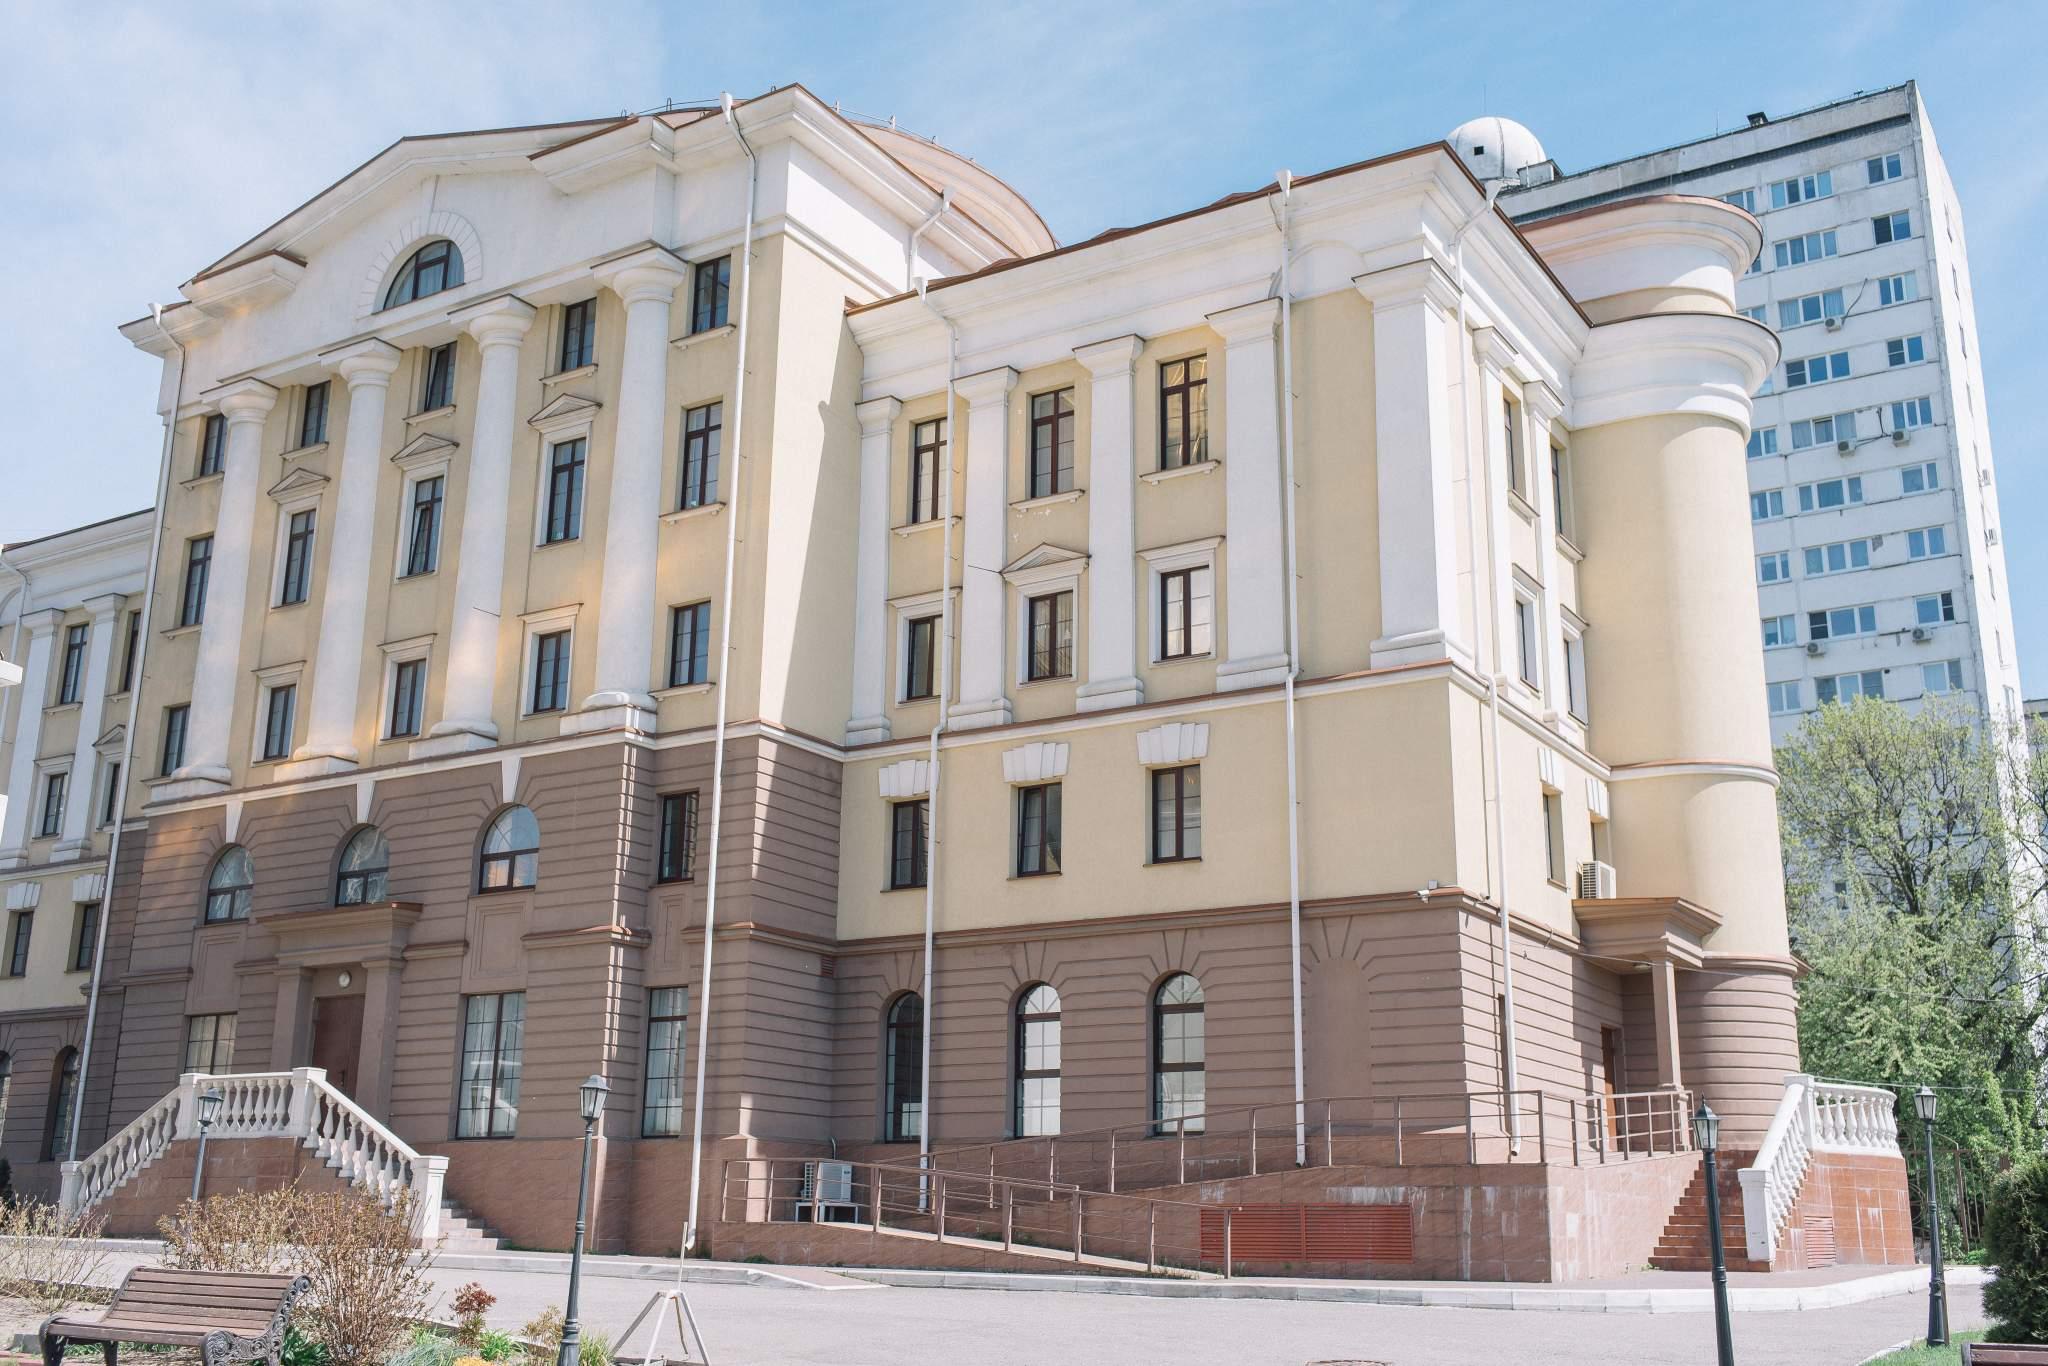 Сайт поиска помещений под офис Колокольников переулок аренда офисов на ст.голицыно